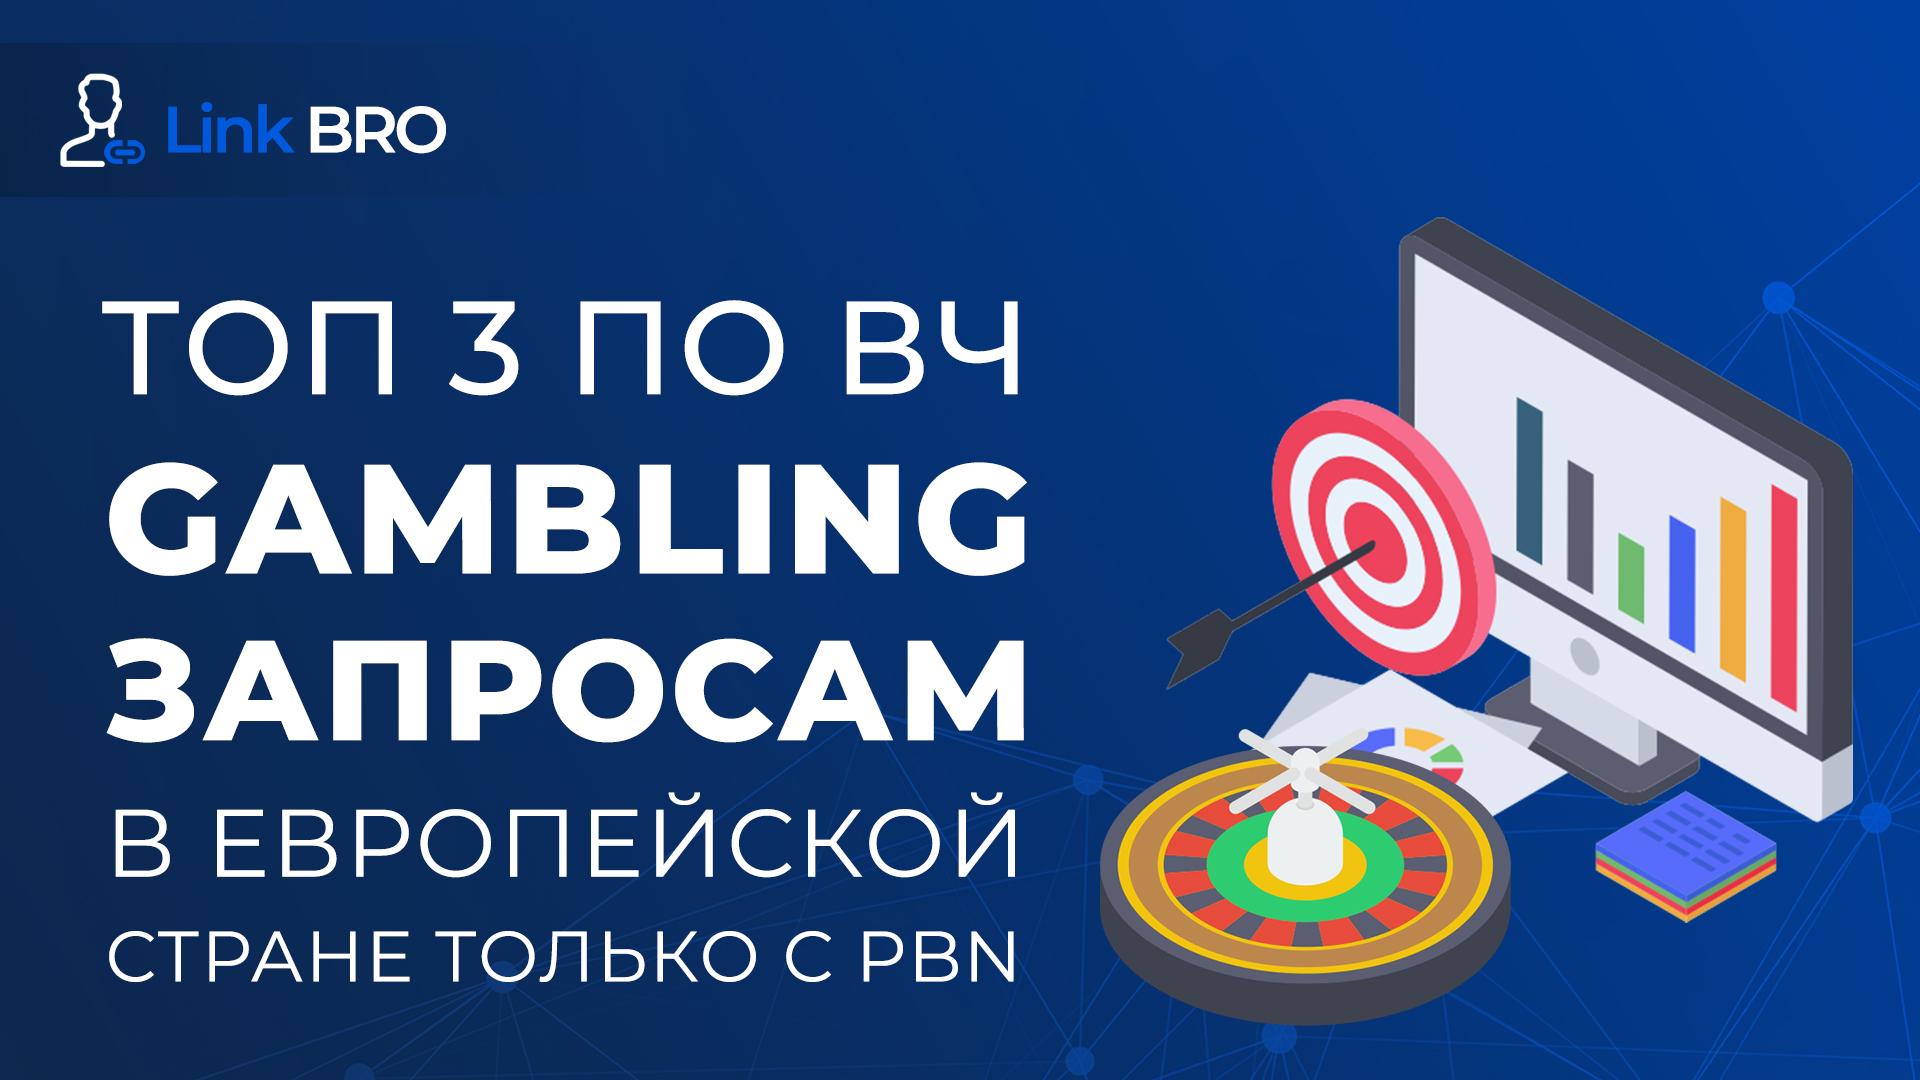 ТОП 3 по ВЧ Gambling запросам в европейской стране только с PBN